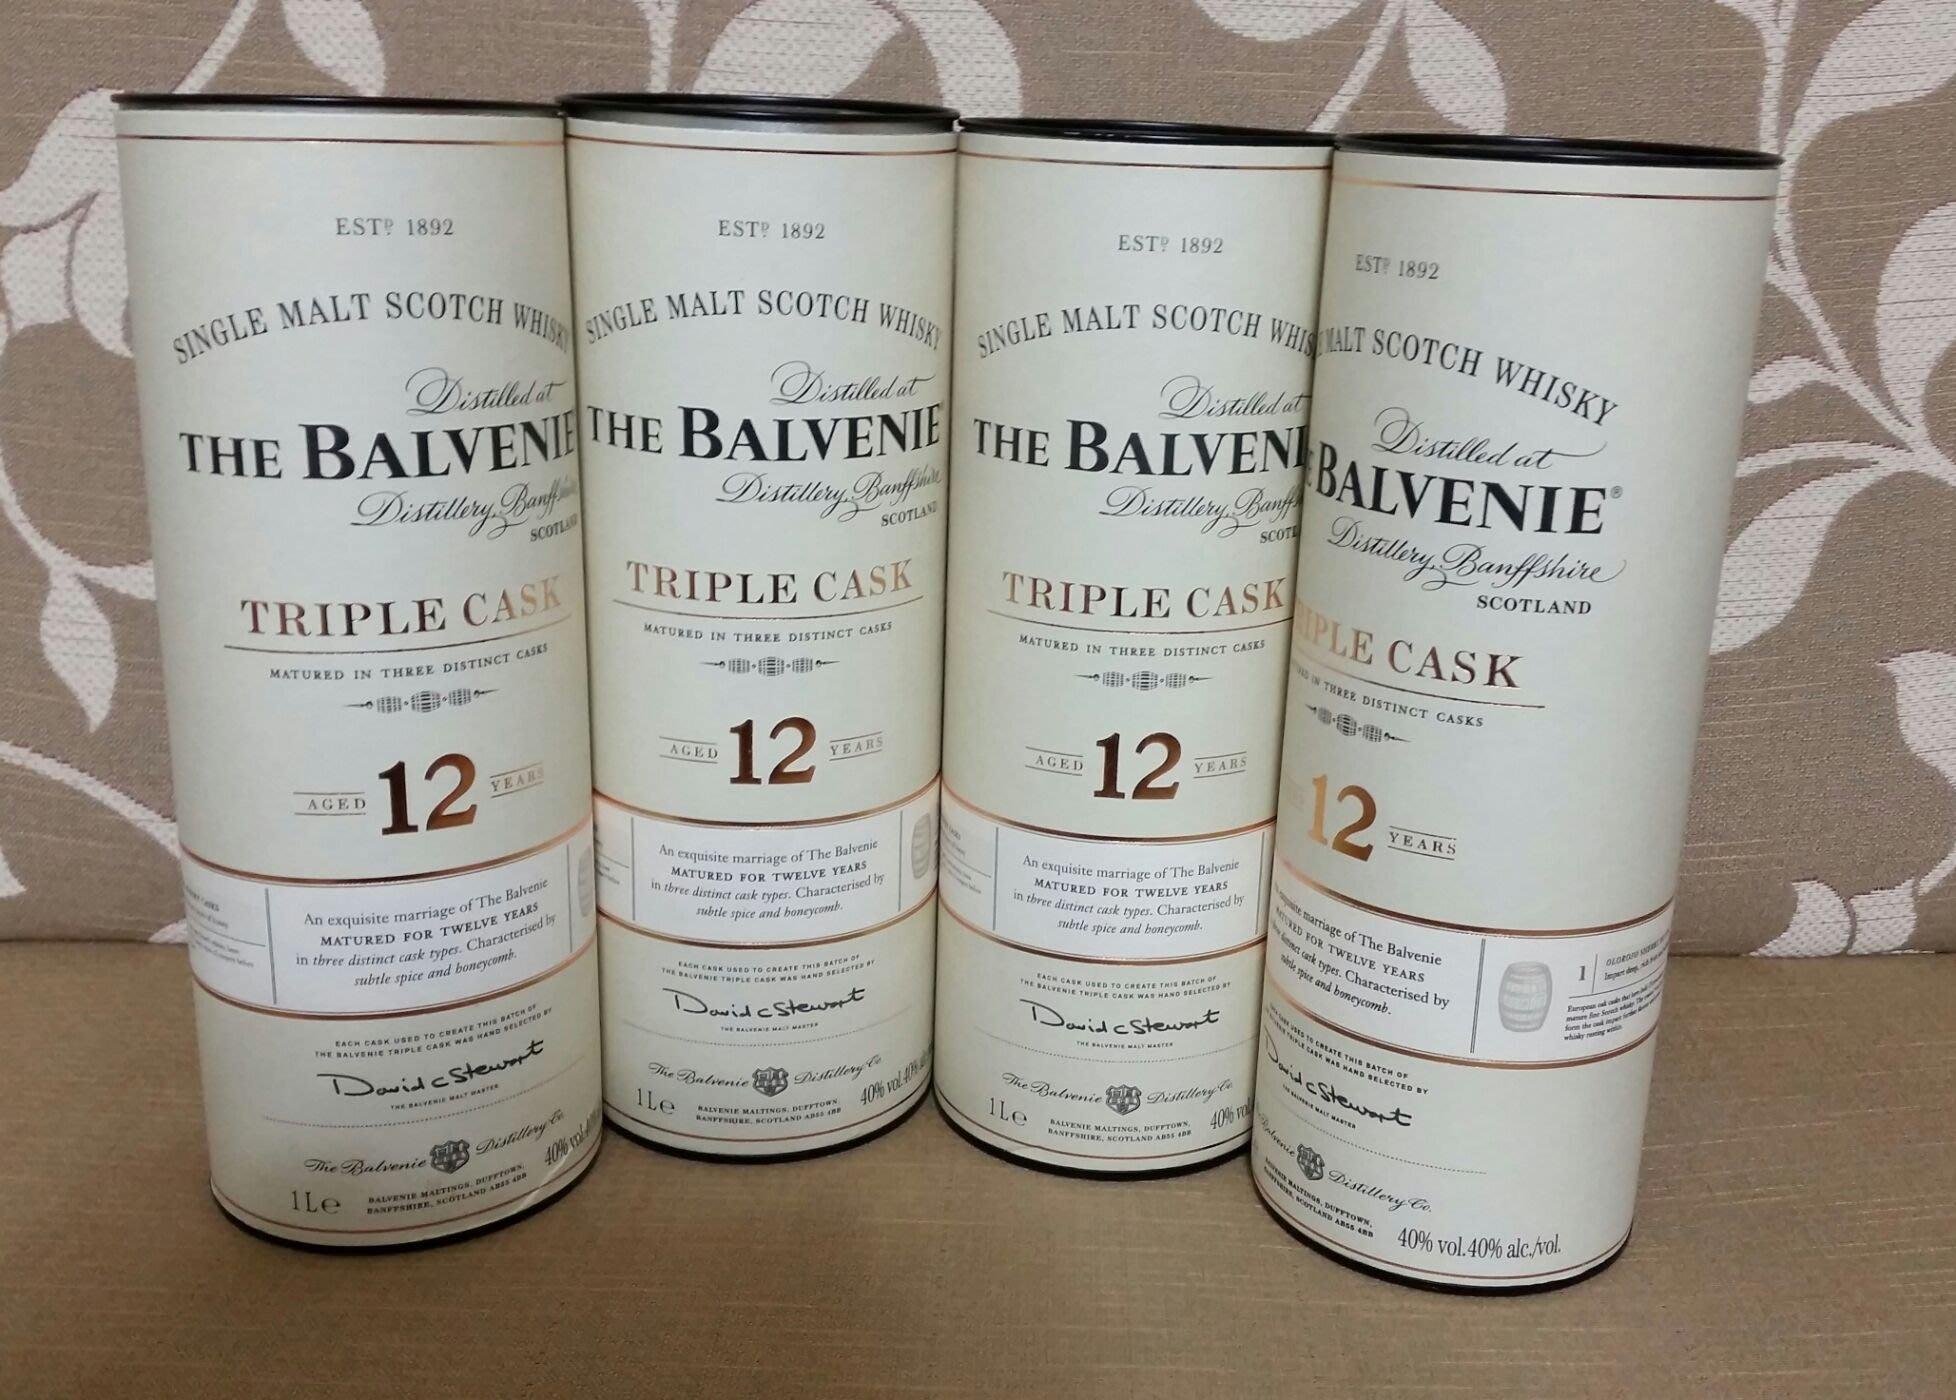 全新蘇格蘭 百富12年單一桶單一純麥威士忌-原裝空酒瓶紙筒,完美主義者請勿下標。